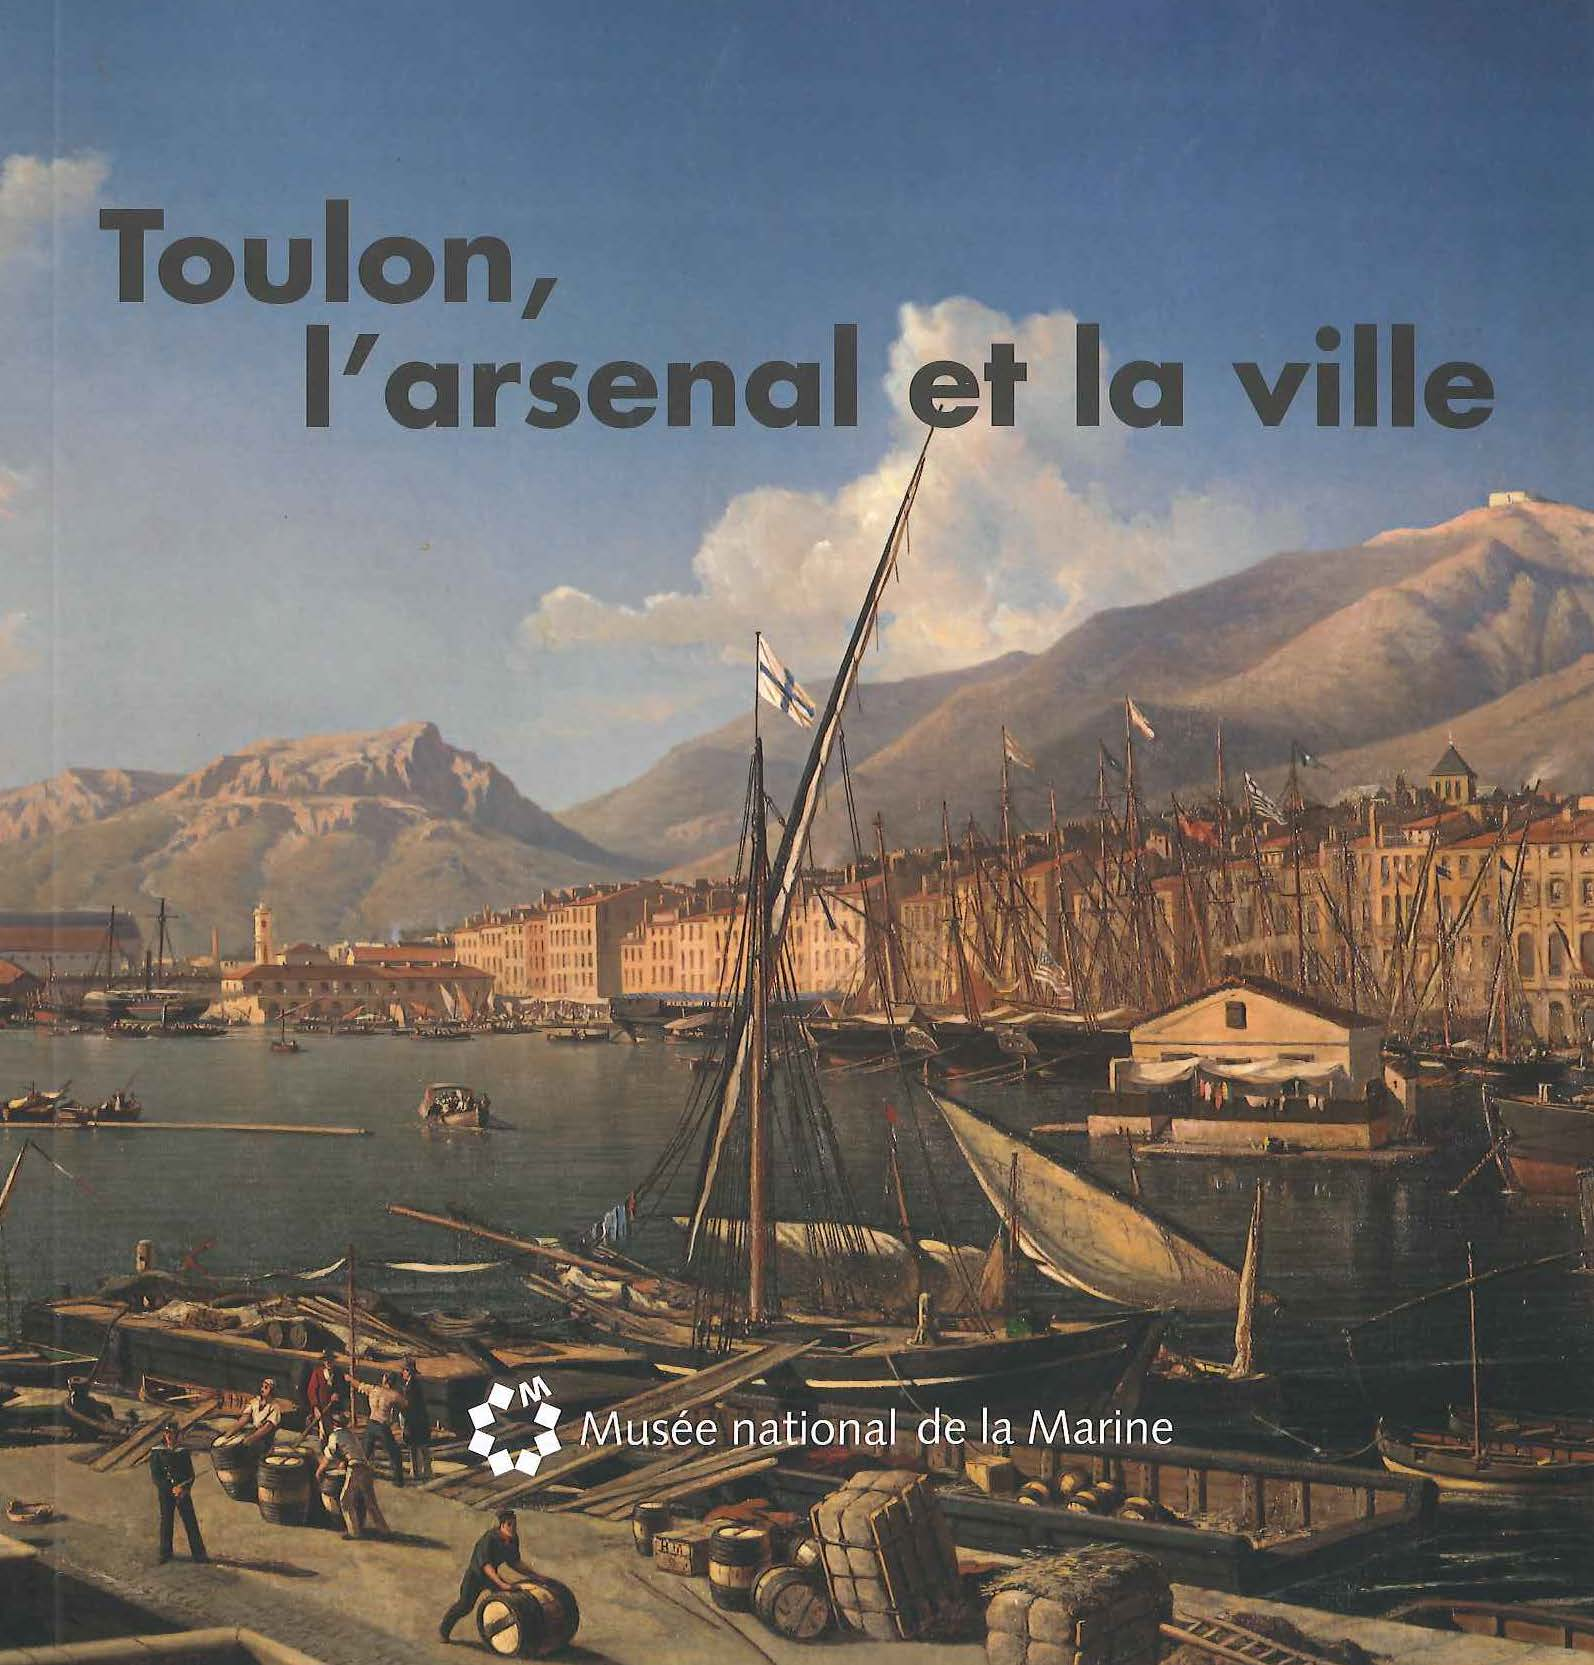 Toulon, l'arsenal et la ville